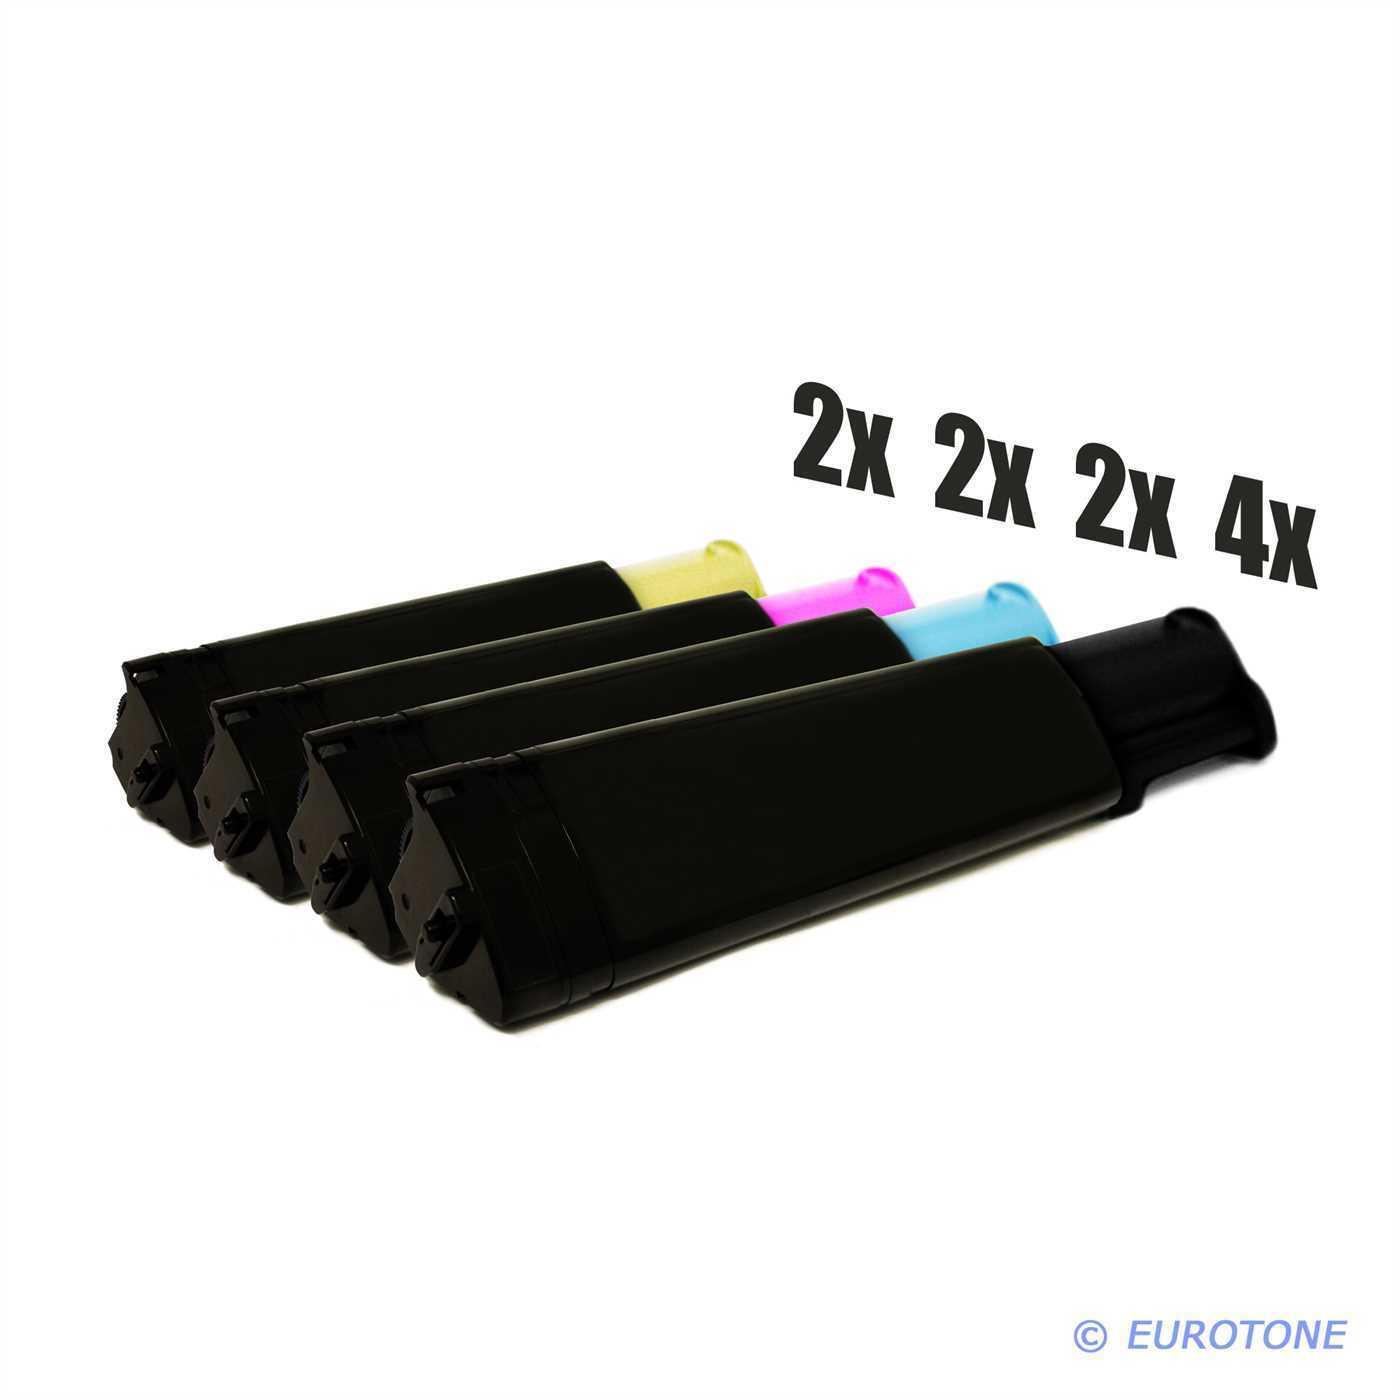 10x 10x 10x Eurotone Toner für Epson Aculaser CX-11-N CX-11-NFCT CX-11-NFC C-1100-N b35417